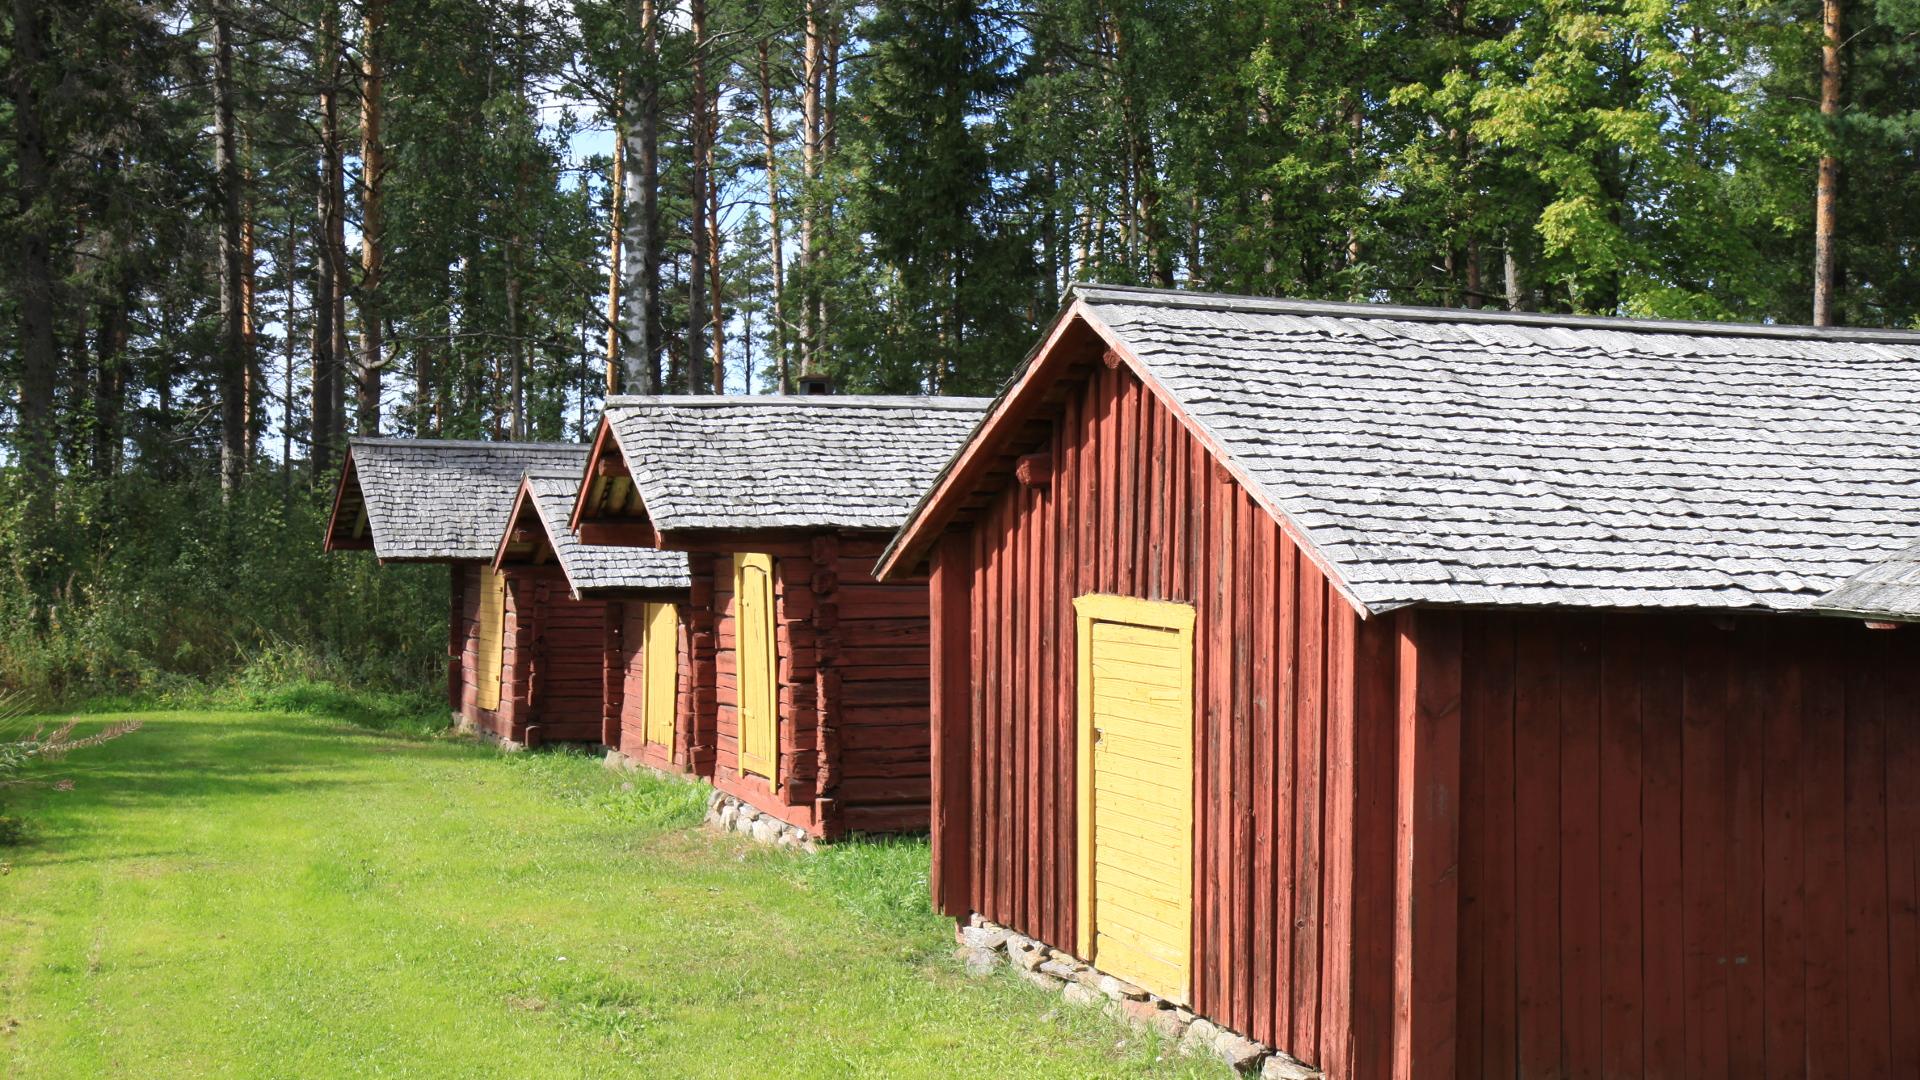 Entistämisavustuksilla tuetaan muun muassa rakennusten oikeanlaista kunnostusta ja vaalimista